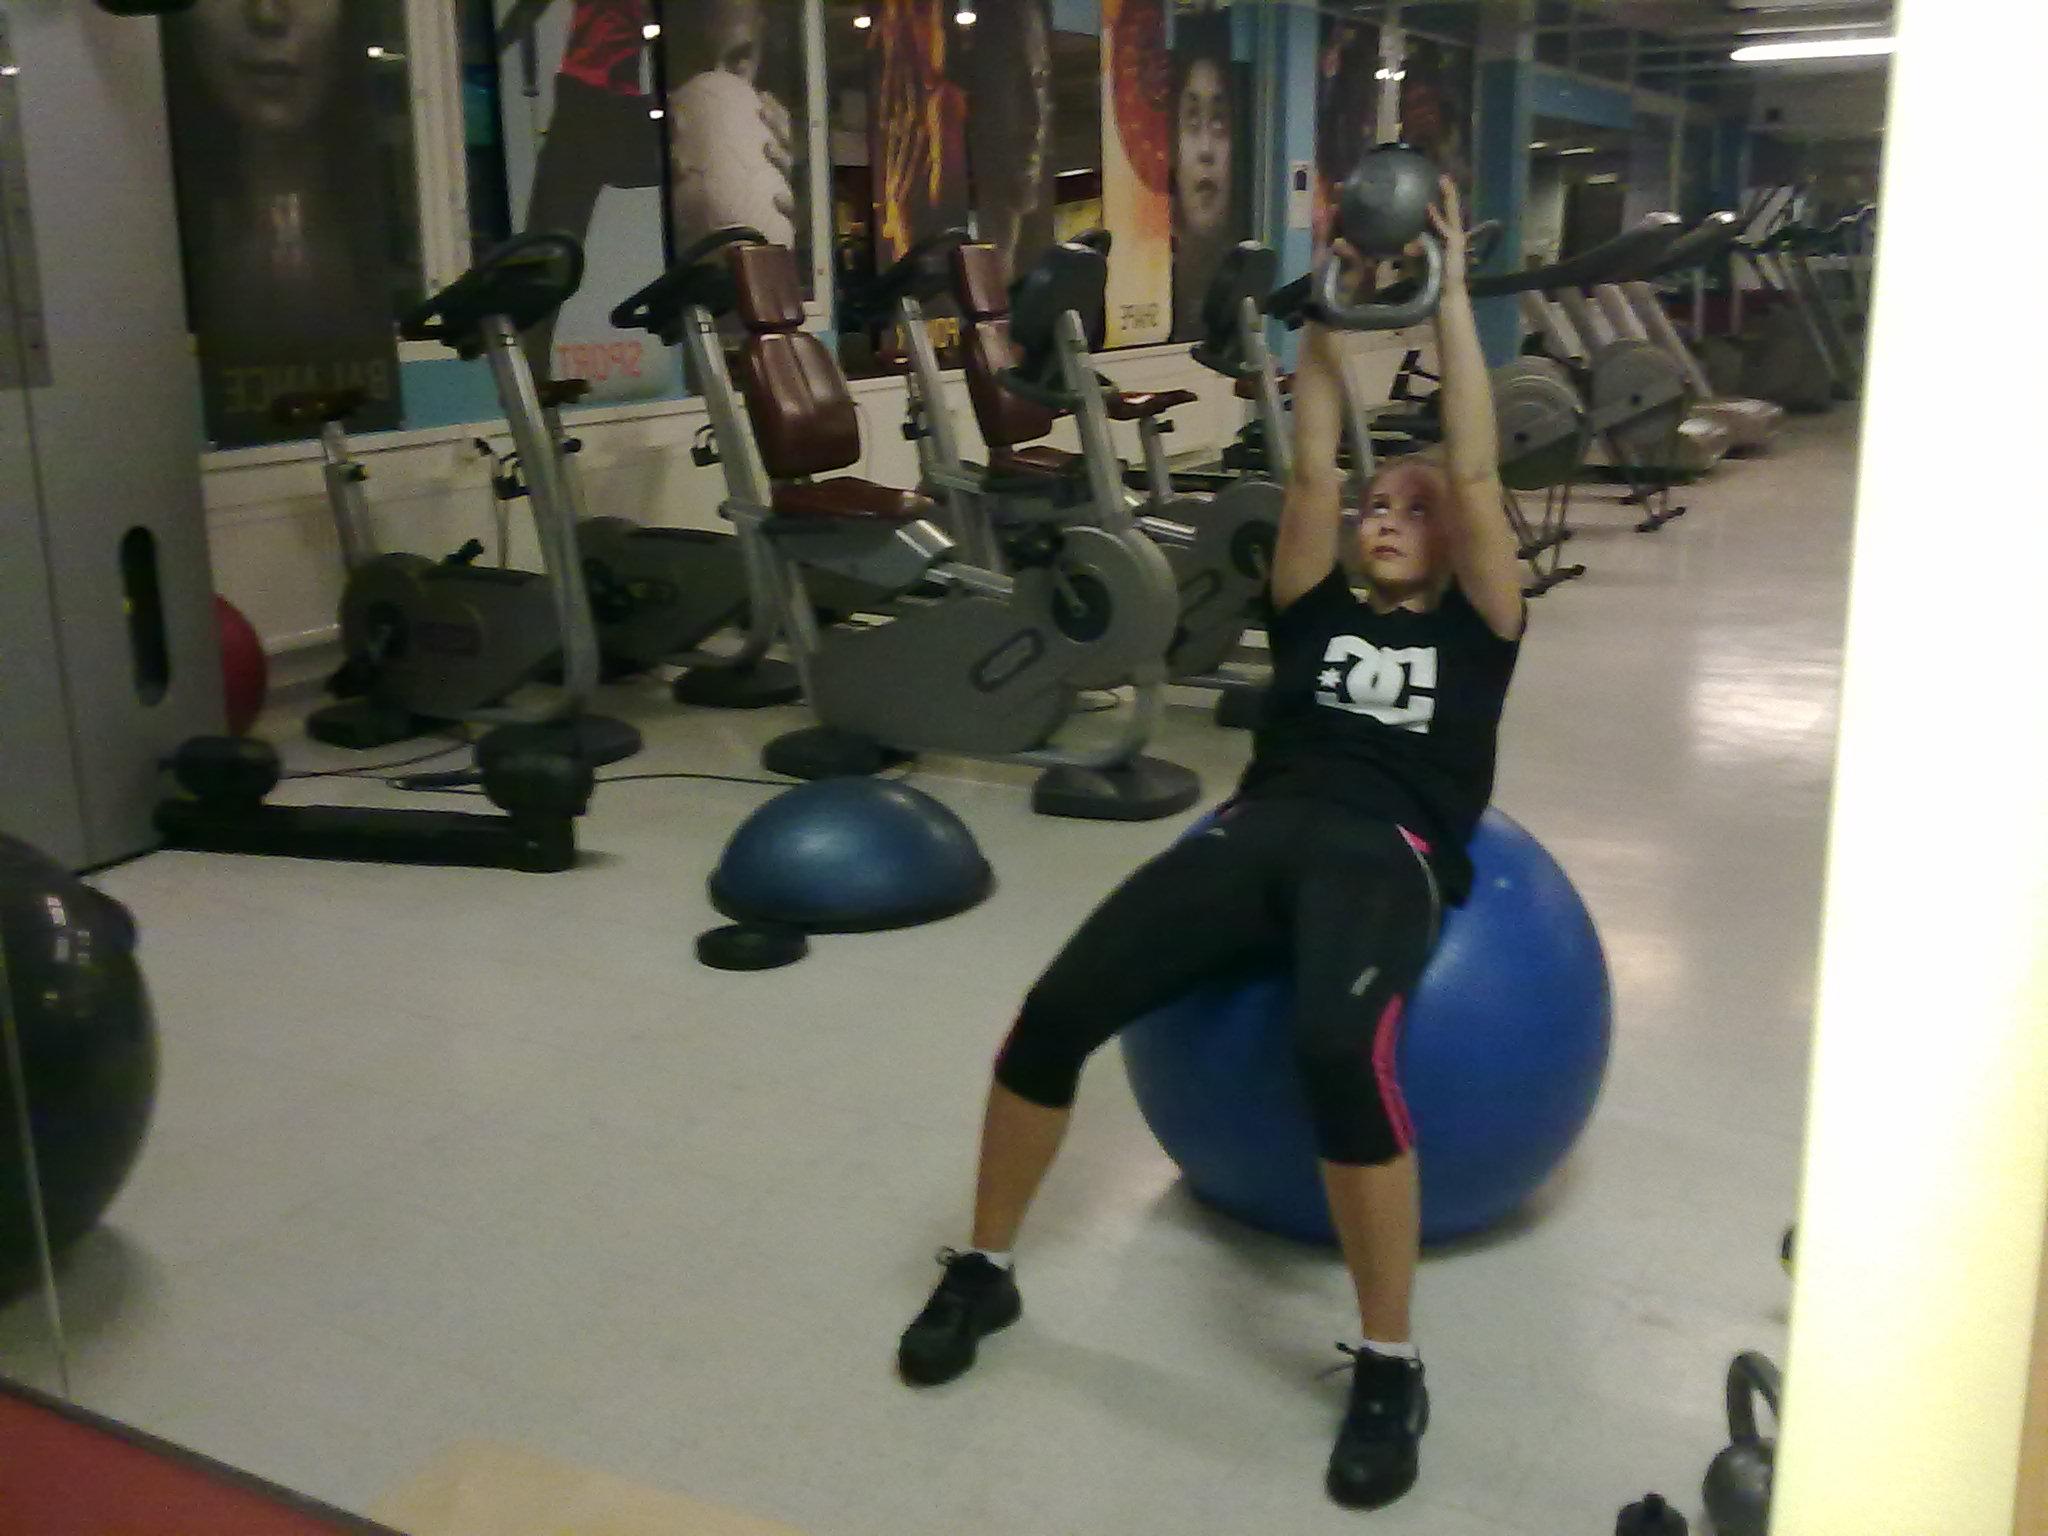 Tränar man för magrutor ska man jobba med raka magmuskeln, och satsa på få upprepningar med motstånd.